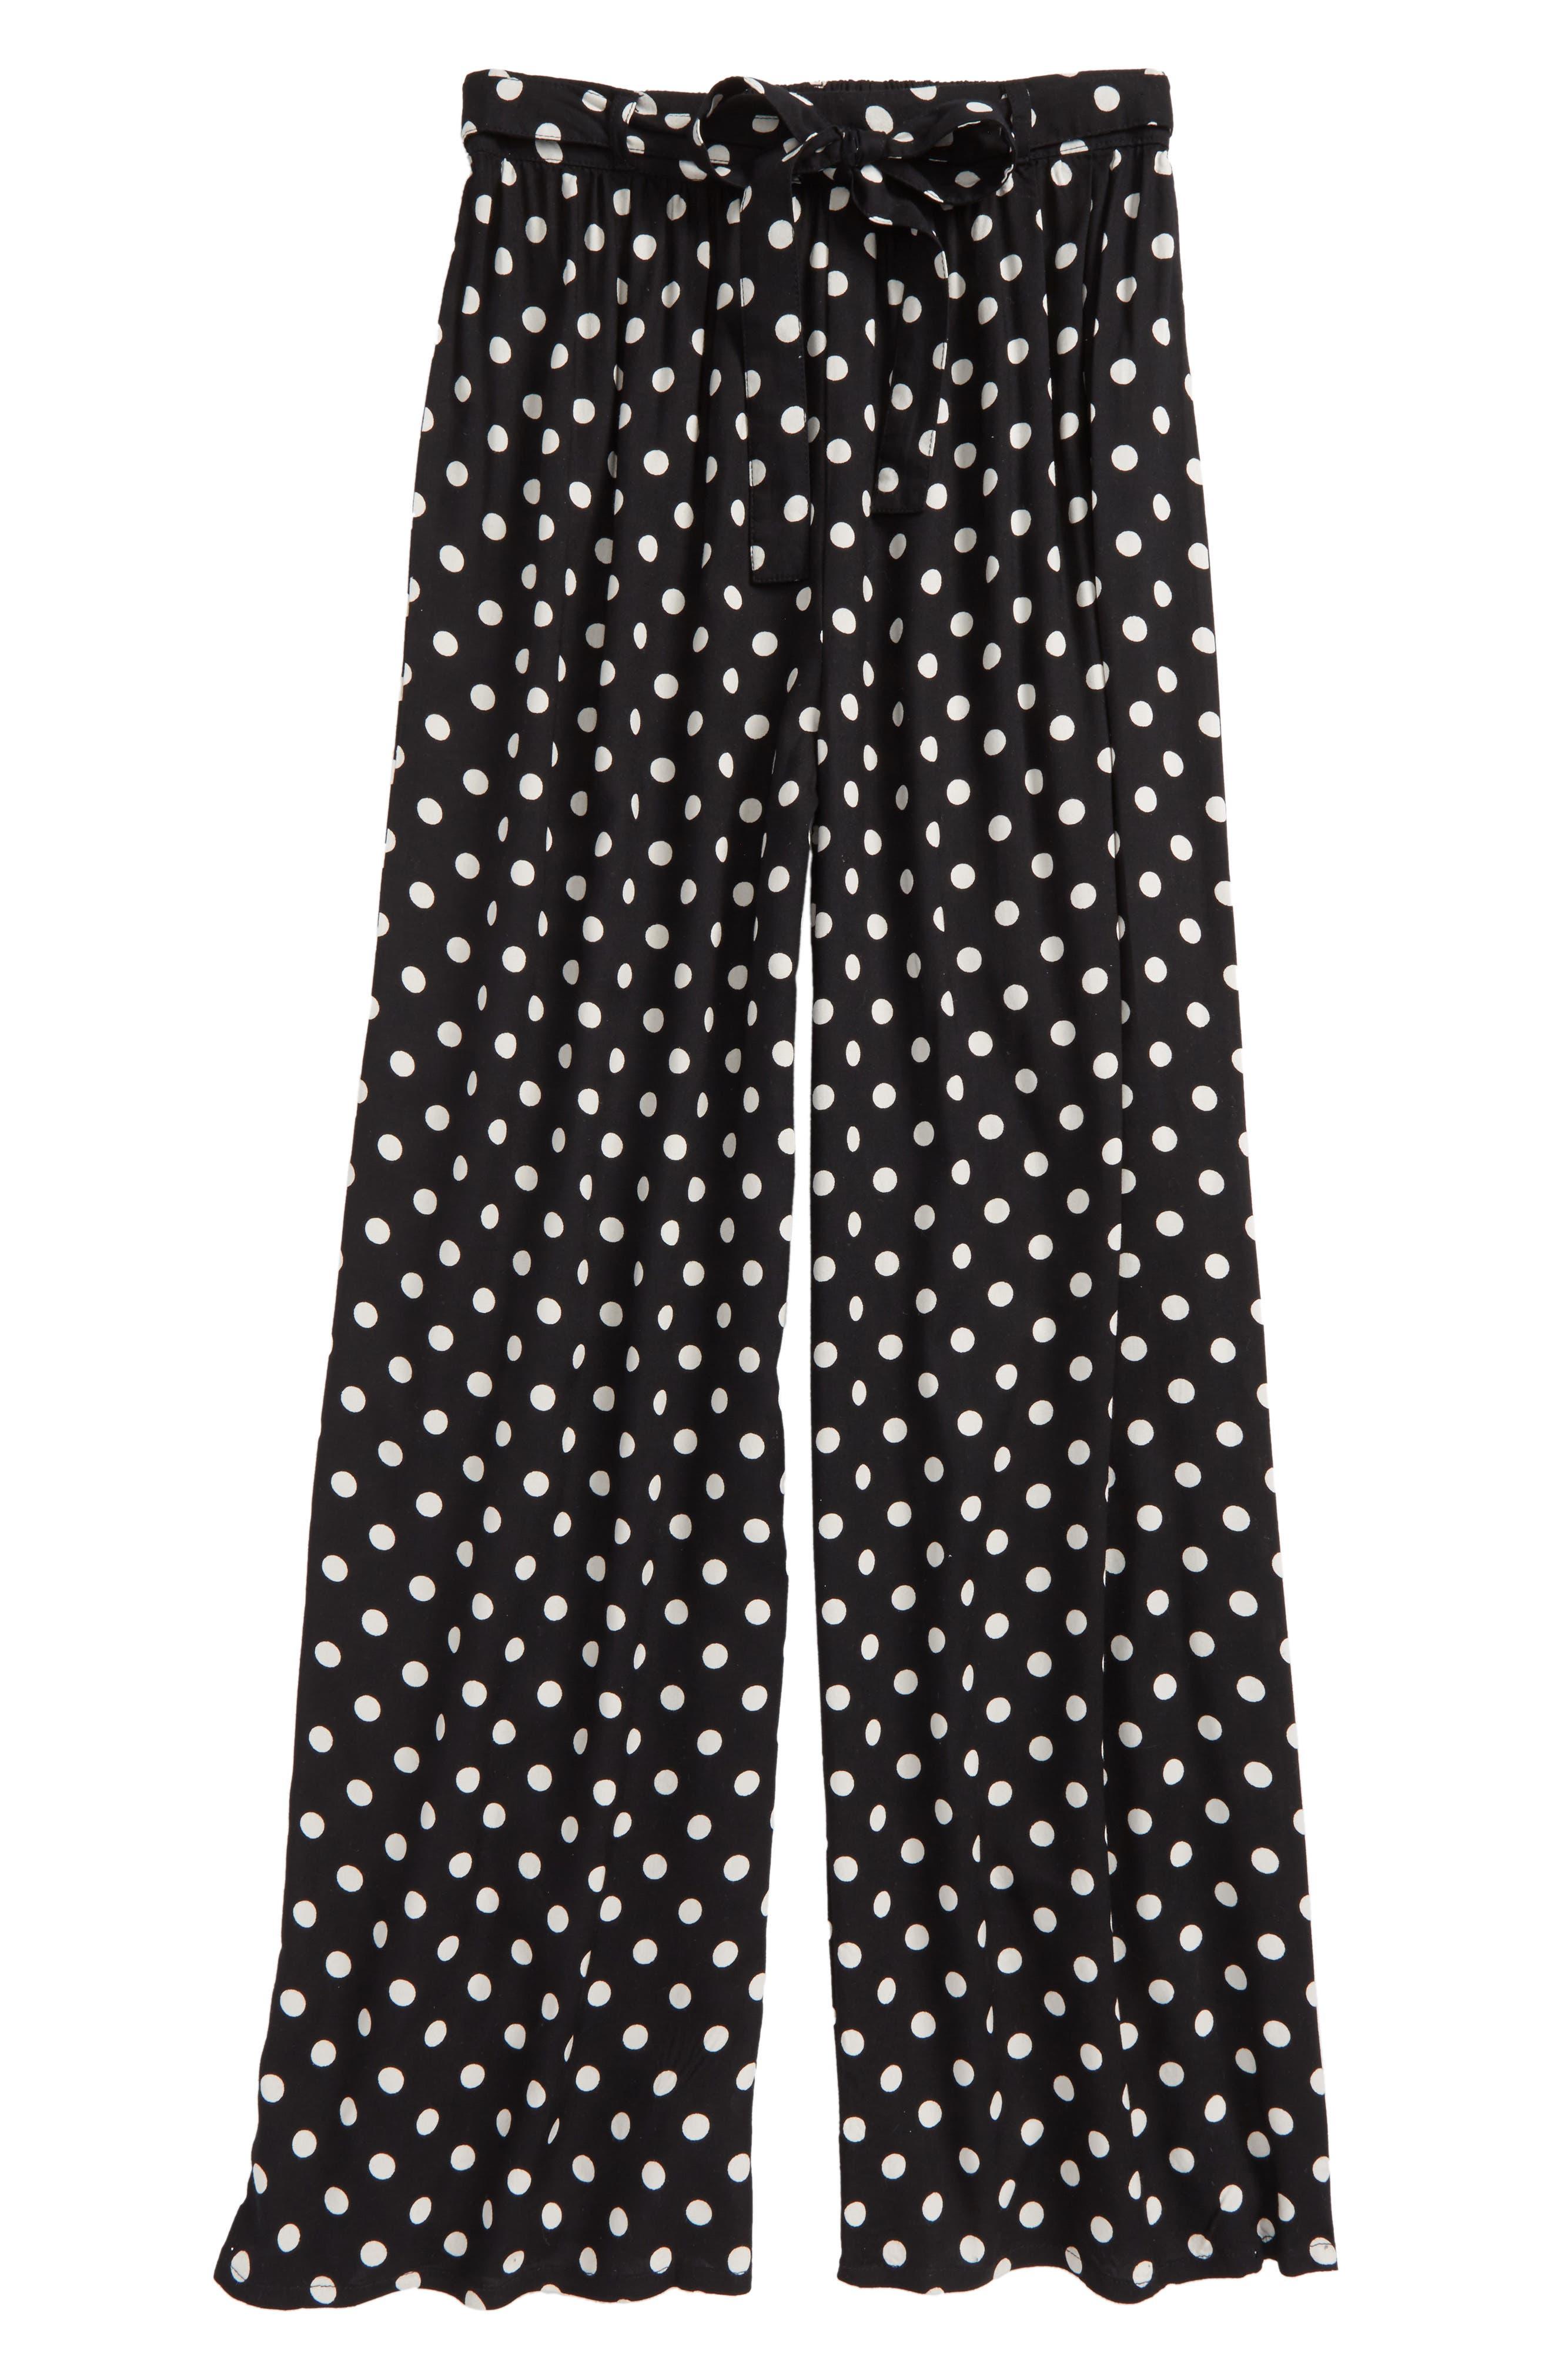 Zoe & Rose Polka Dot Wide Leg Pants,                         Main,                         color, Black/ Ivory